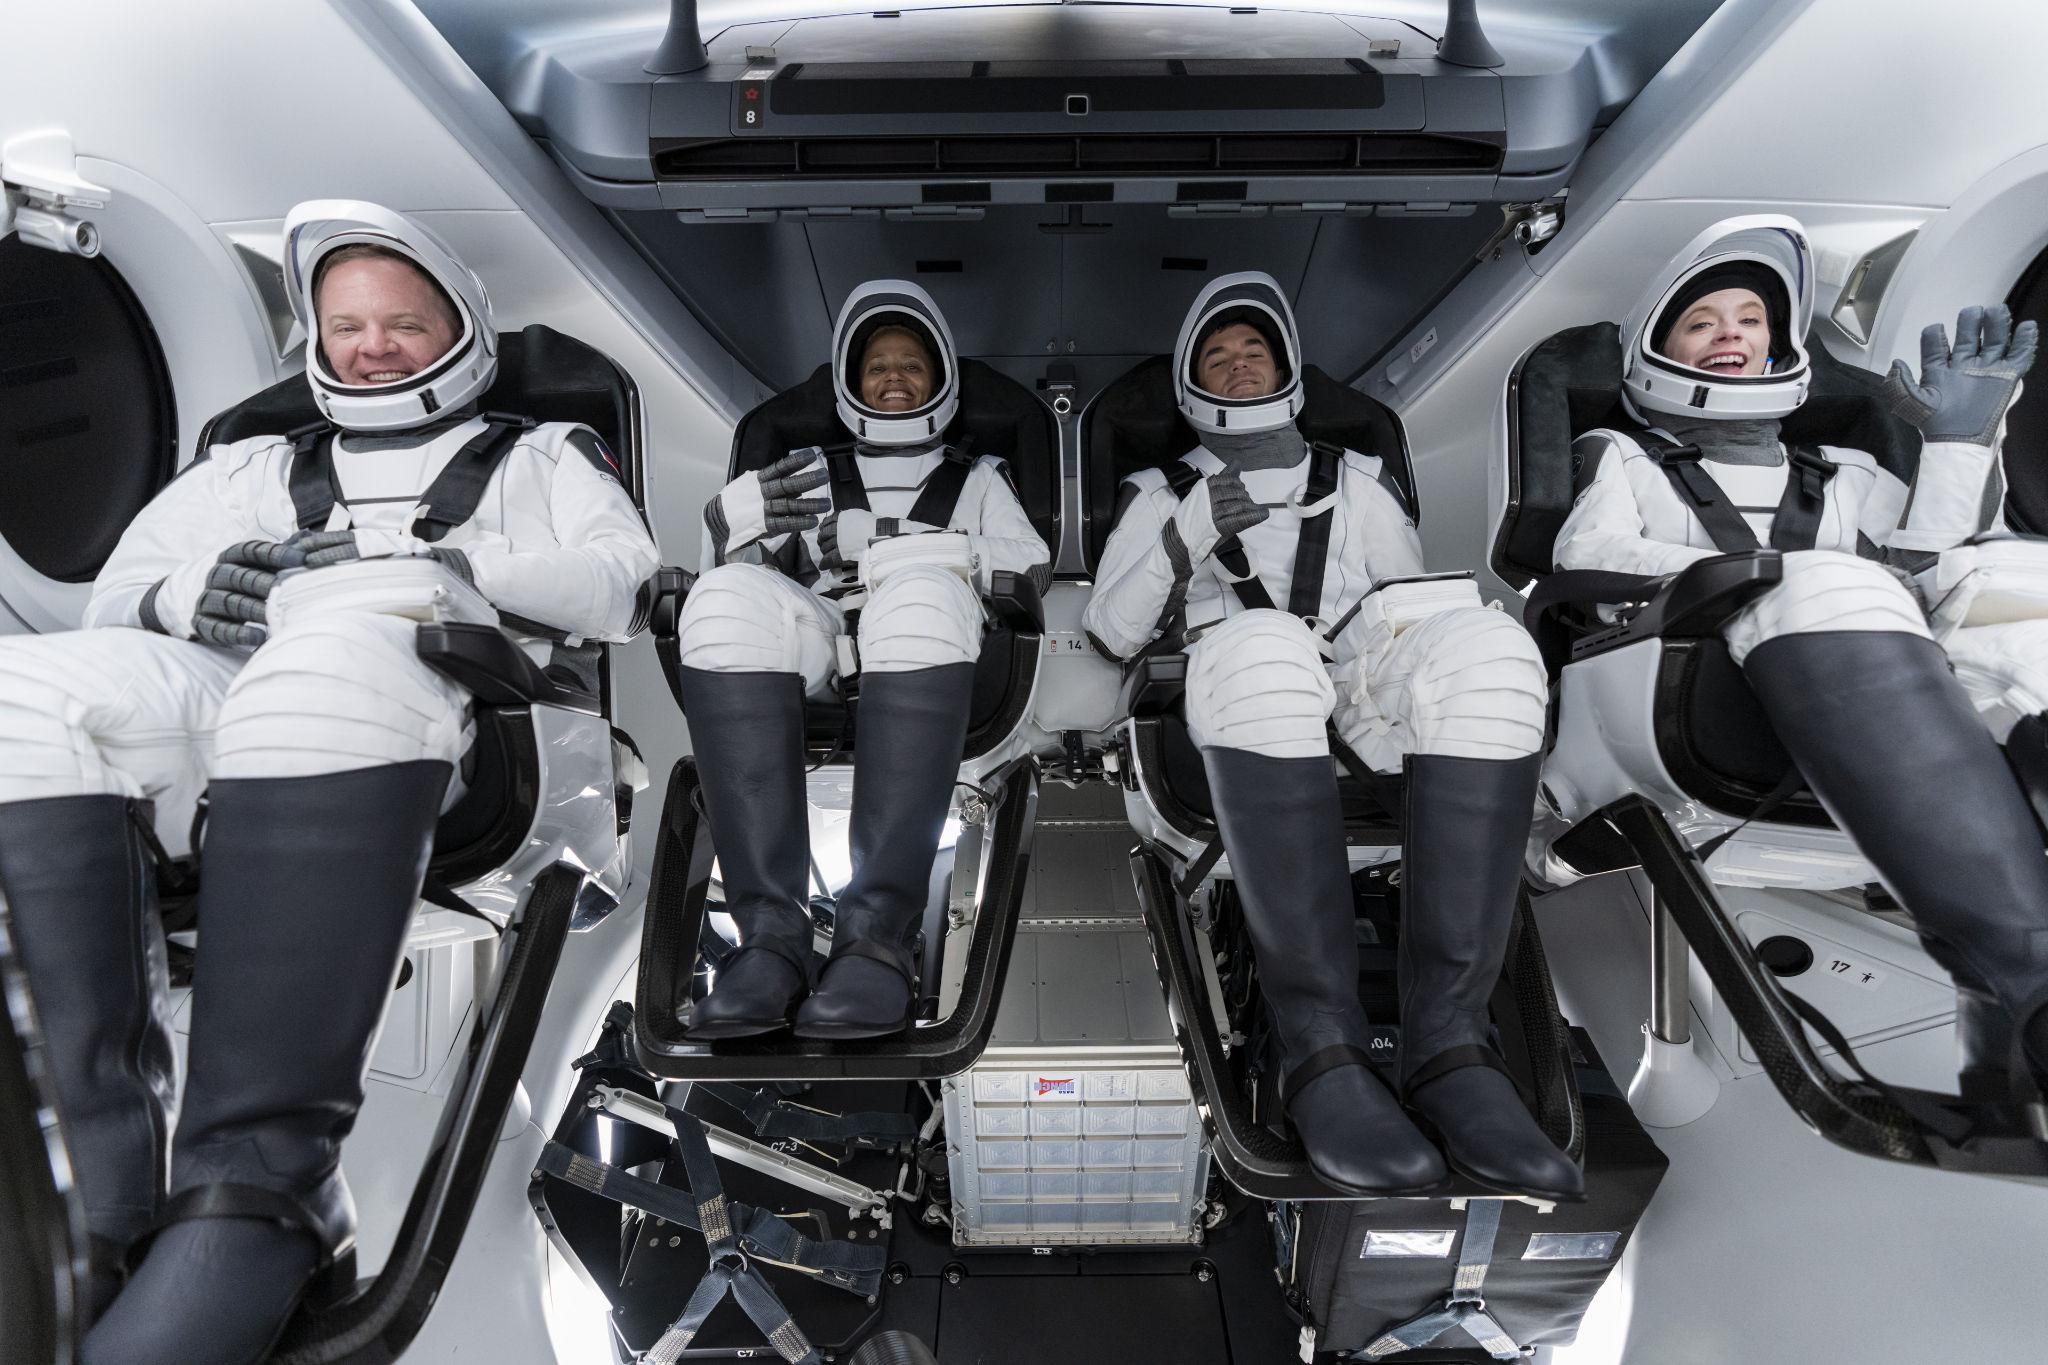 Phi hành đoàn Inspiration4 sáng nay trong khoang lái của phi thuyền Crew Dragon.